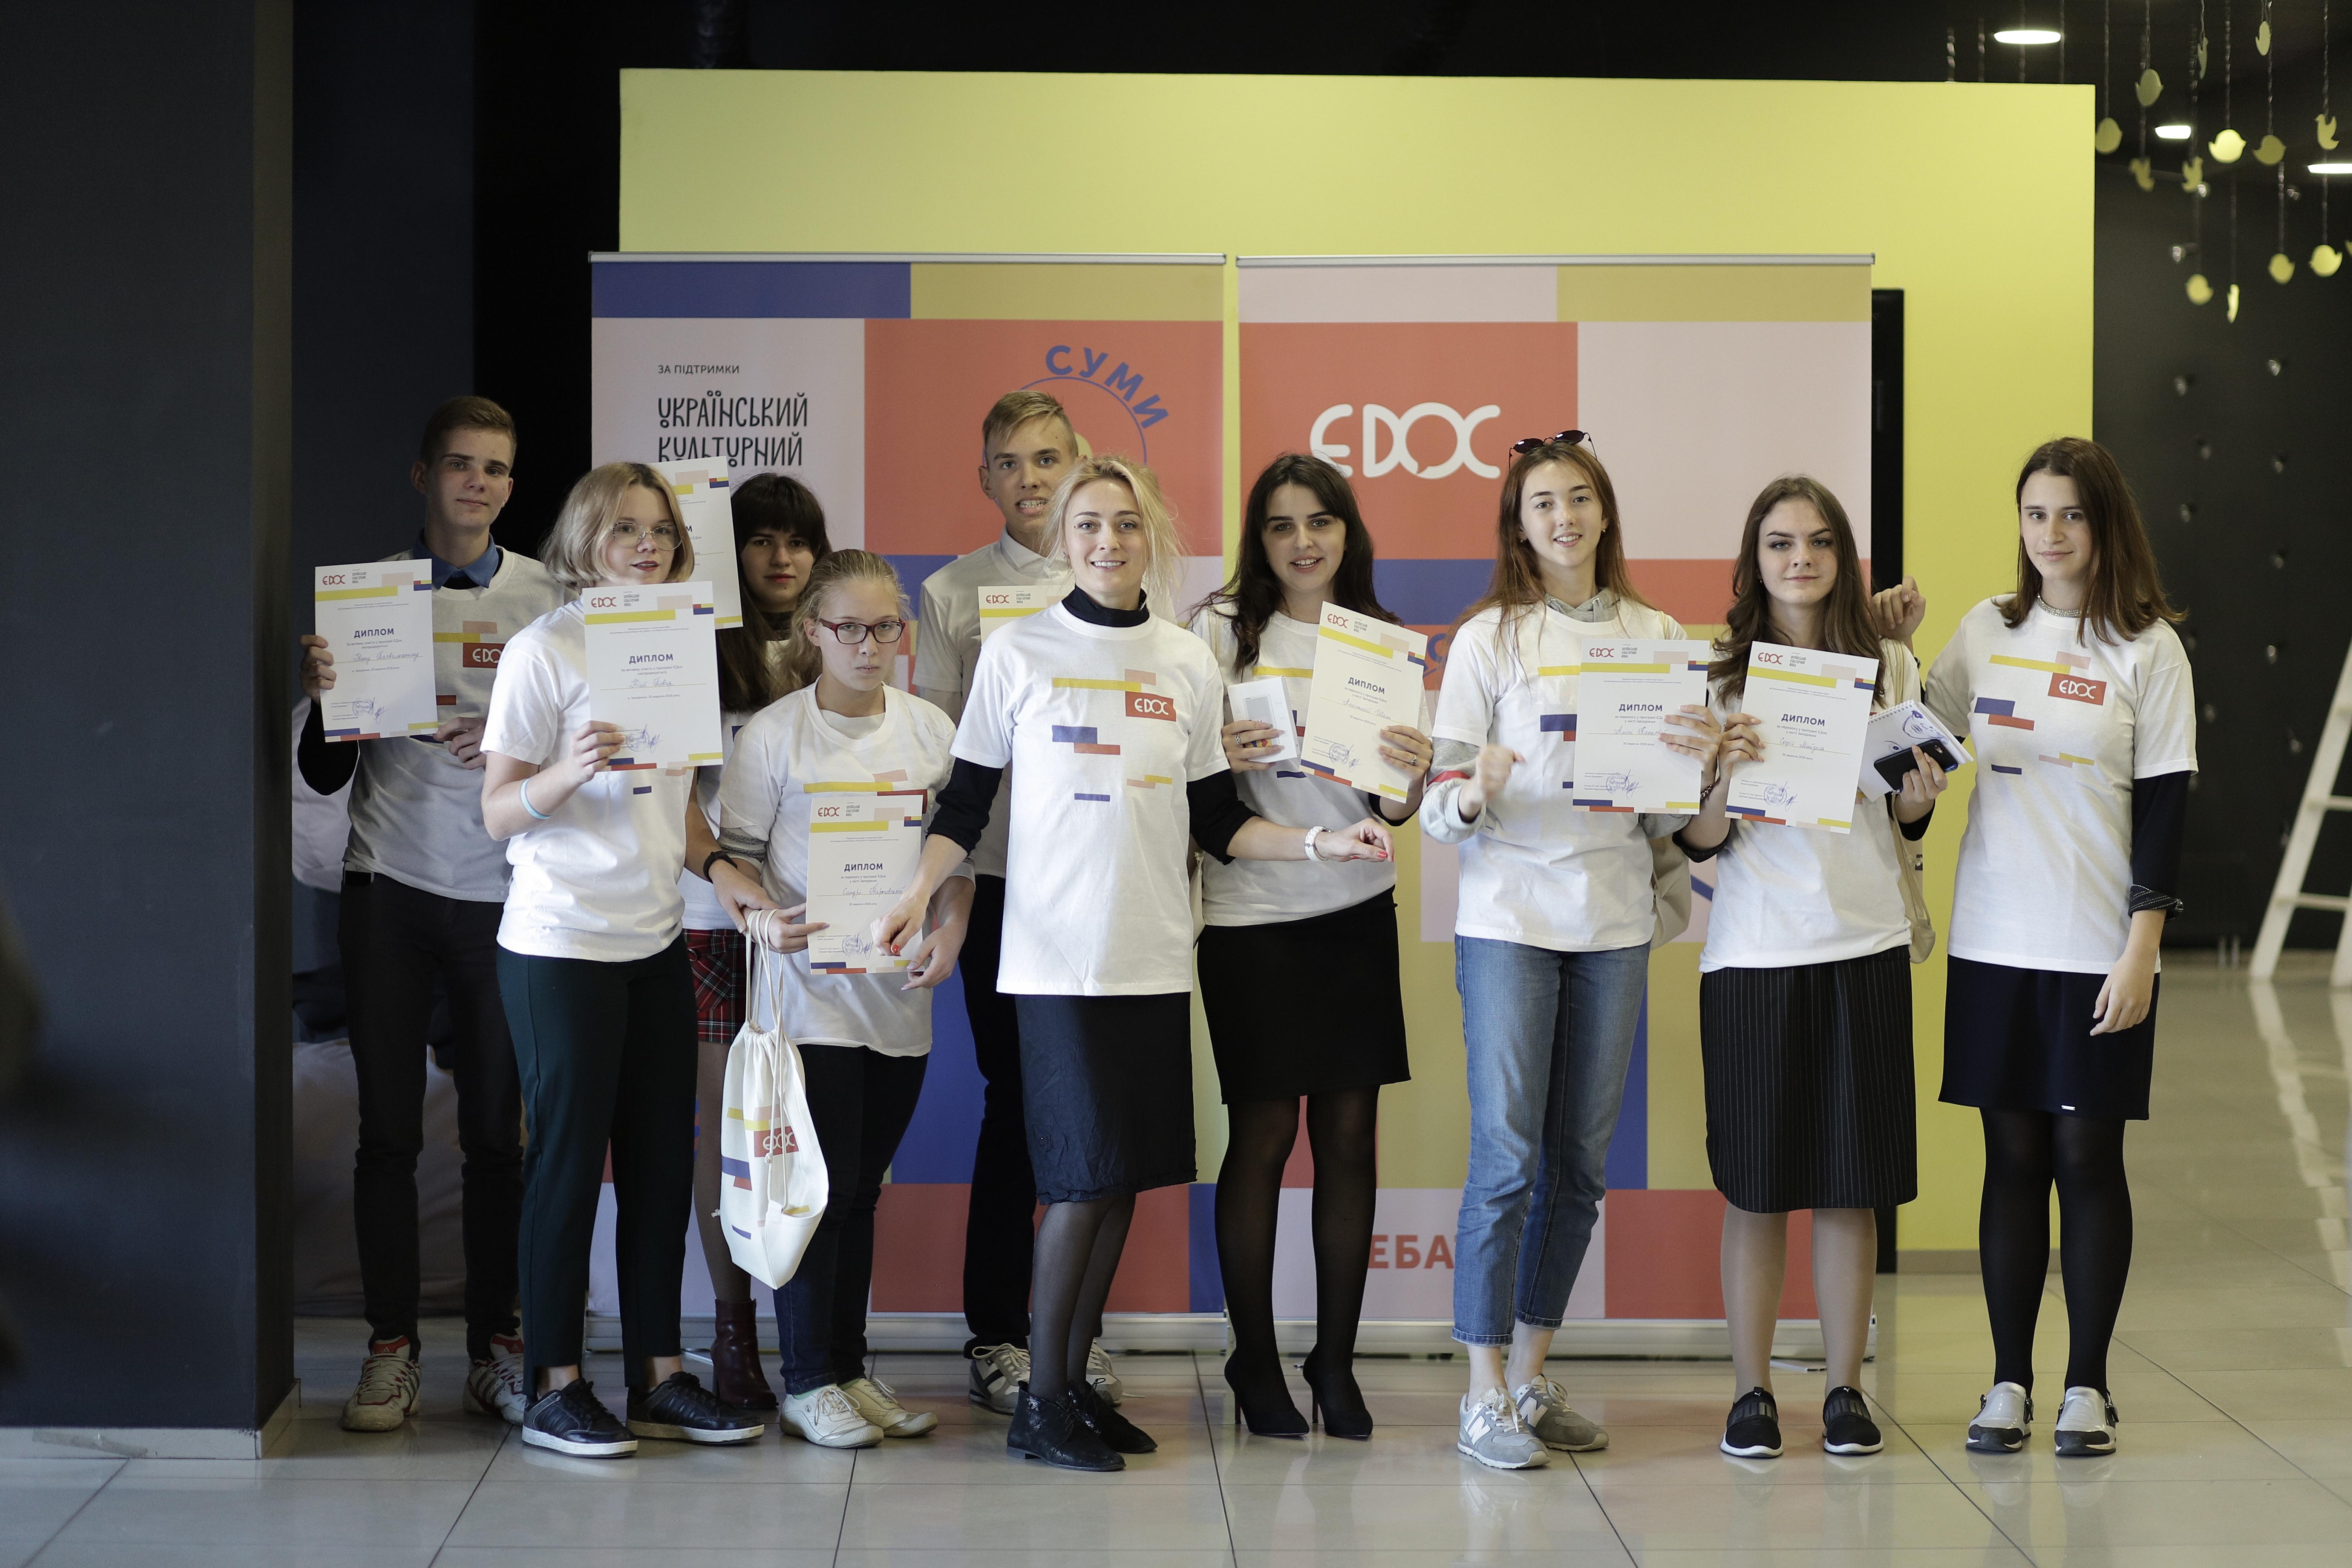 В Запорожье состоялся киноконкурс для школьников «Е-док» - ФОТО